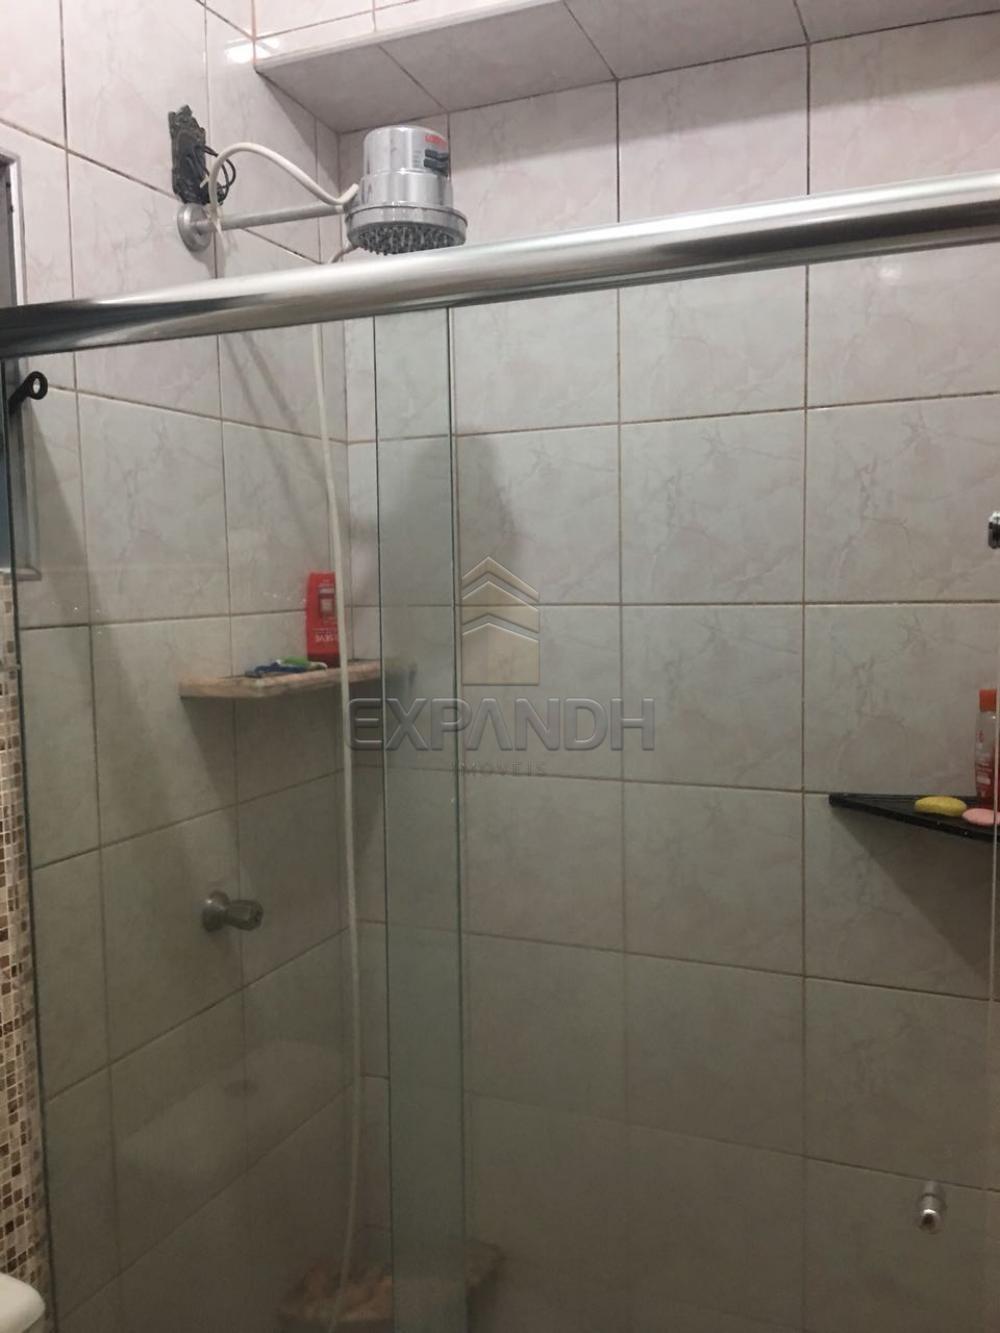 Comprar Casas / Padrão em Sertãozinho R$ 600.000,00 - Foto 24